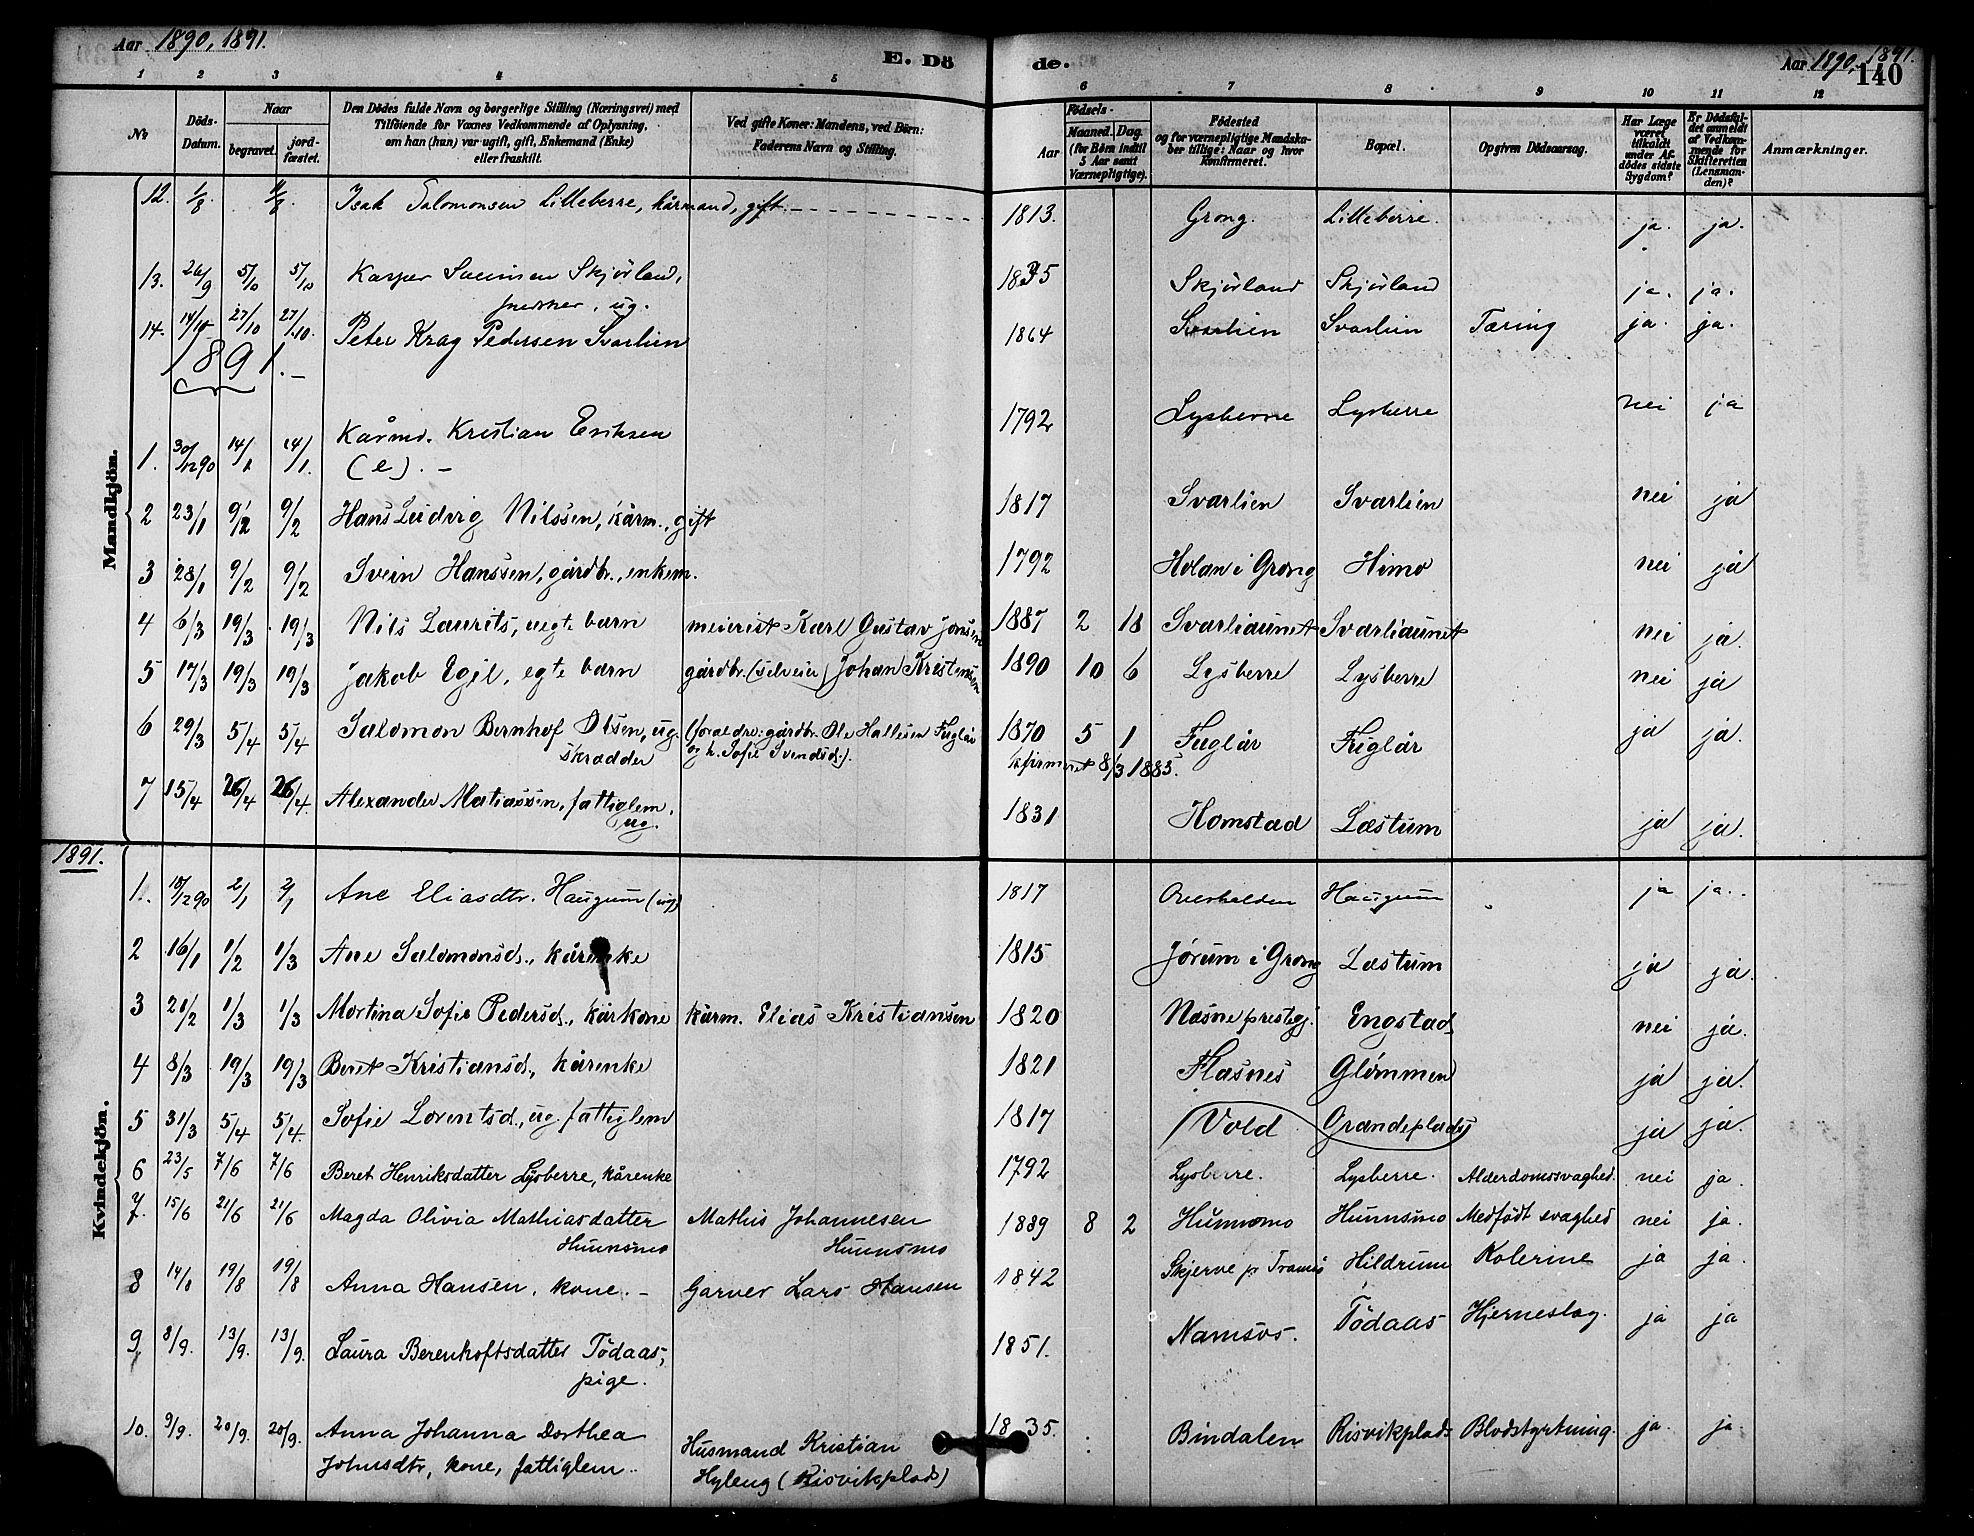 SAT, Ministerialprotokoller, klokkerbøker og fødselsregistre - Nord-Trøndelag, 764/L0555: Ministerialbok nr. 764A10, 1881-1896, s. 140